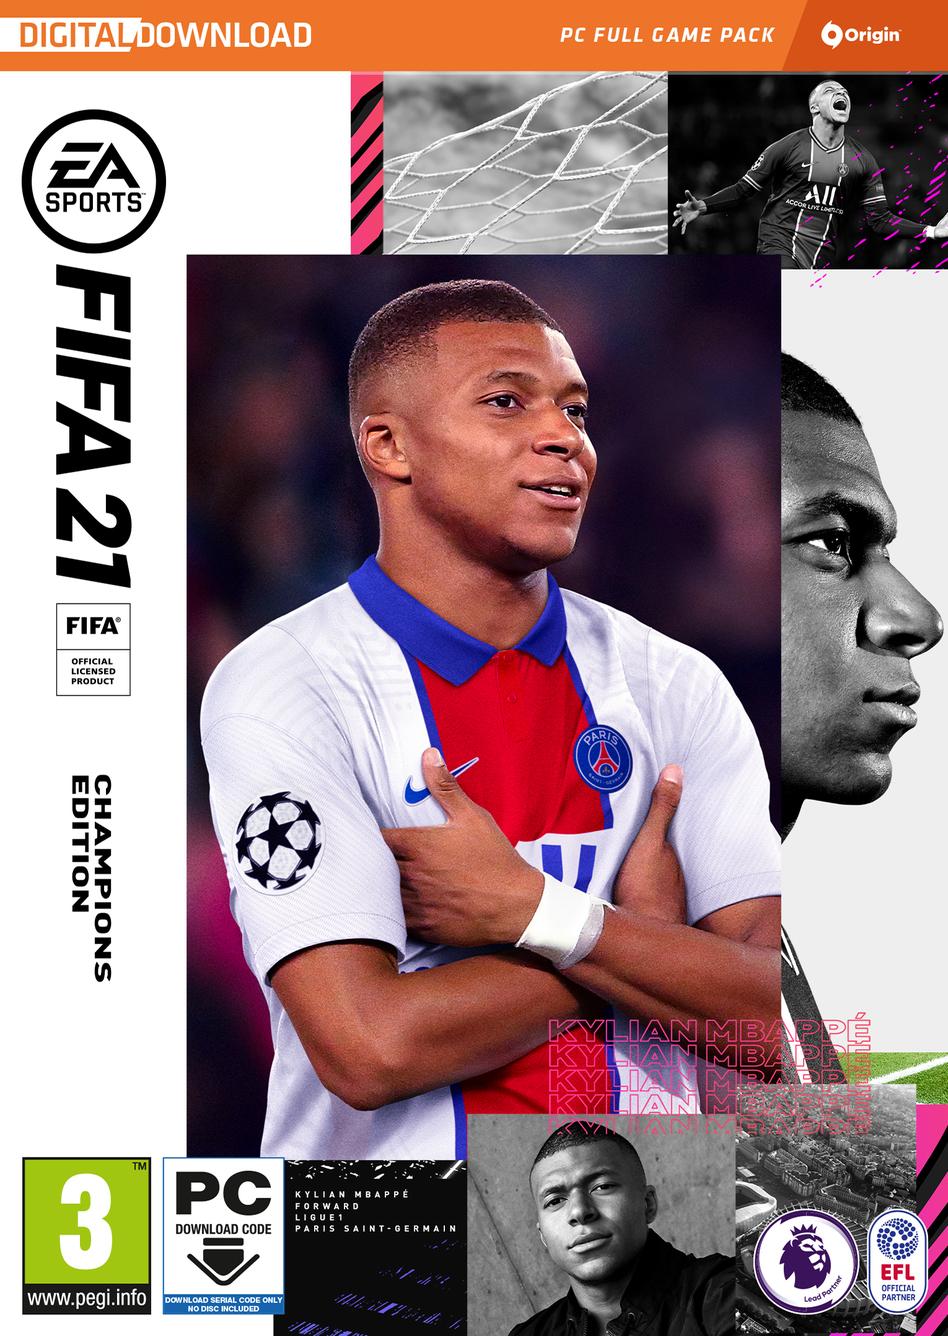 FIFA 21 Champions Edition - Origin